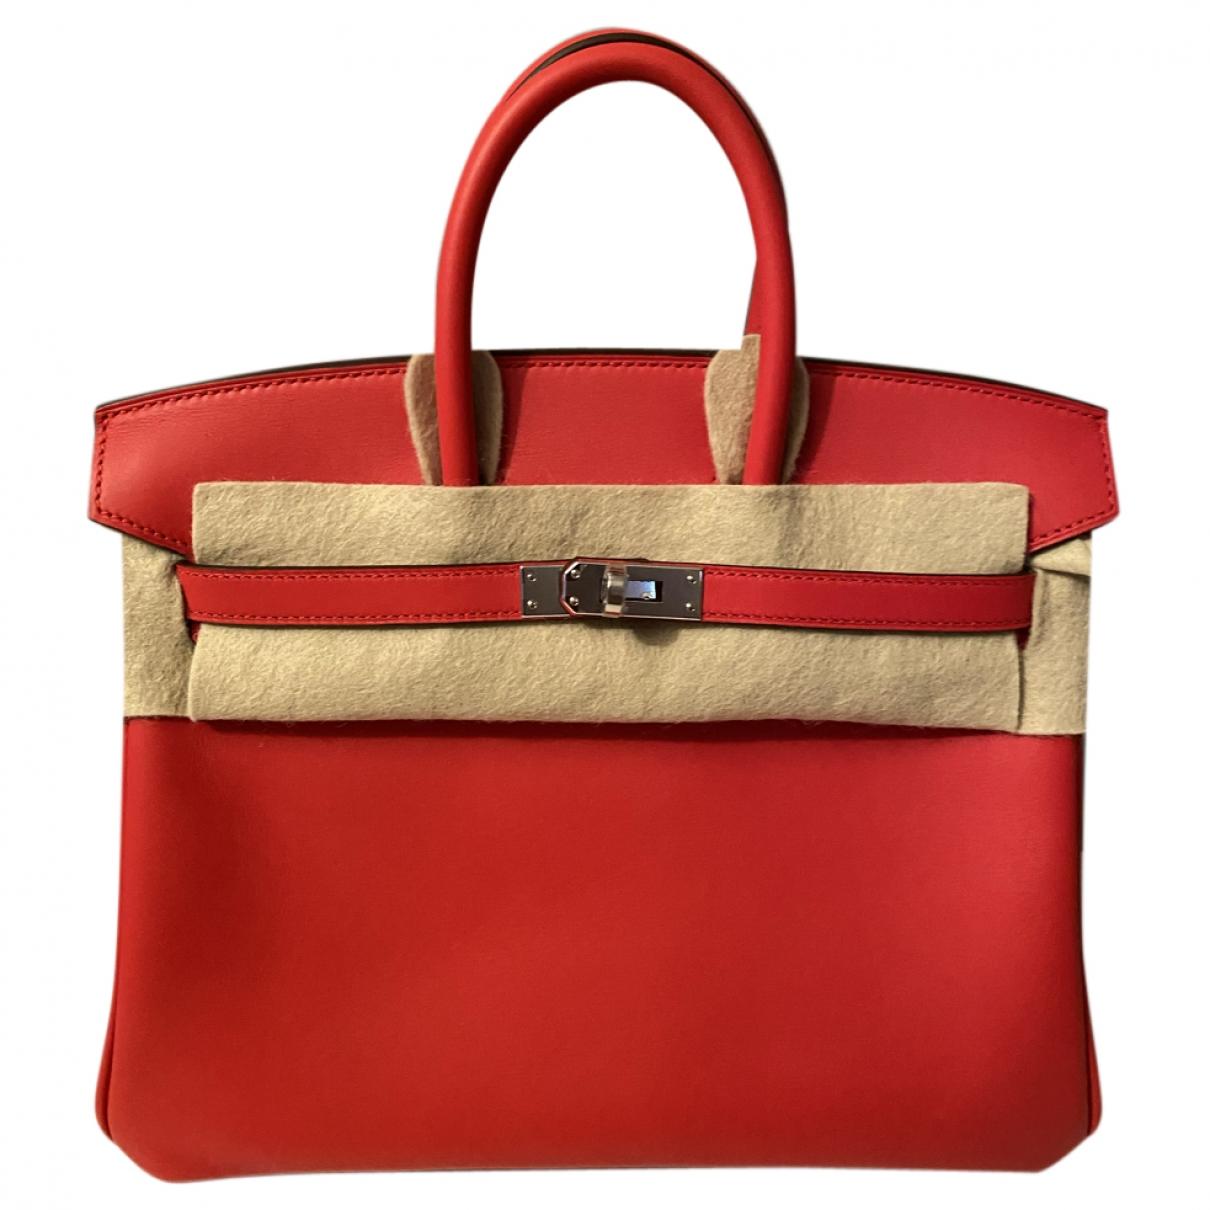 Hermes Birkin 25 Handtasche in  Rot Leder